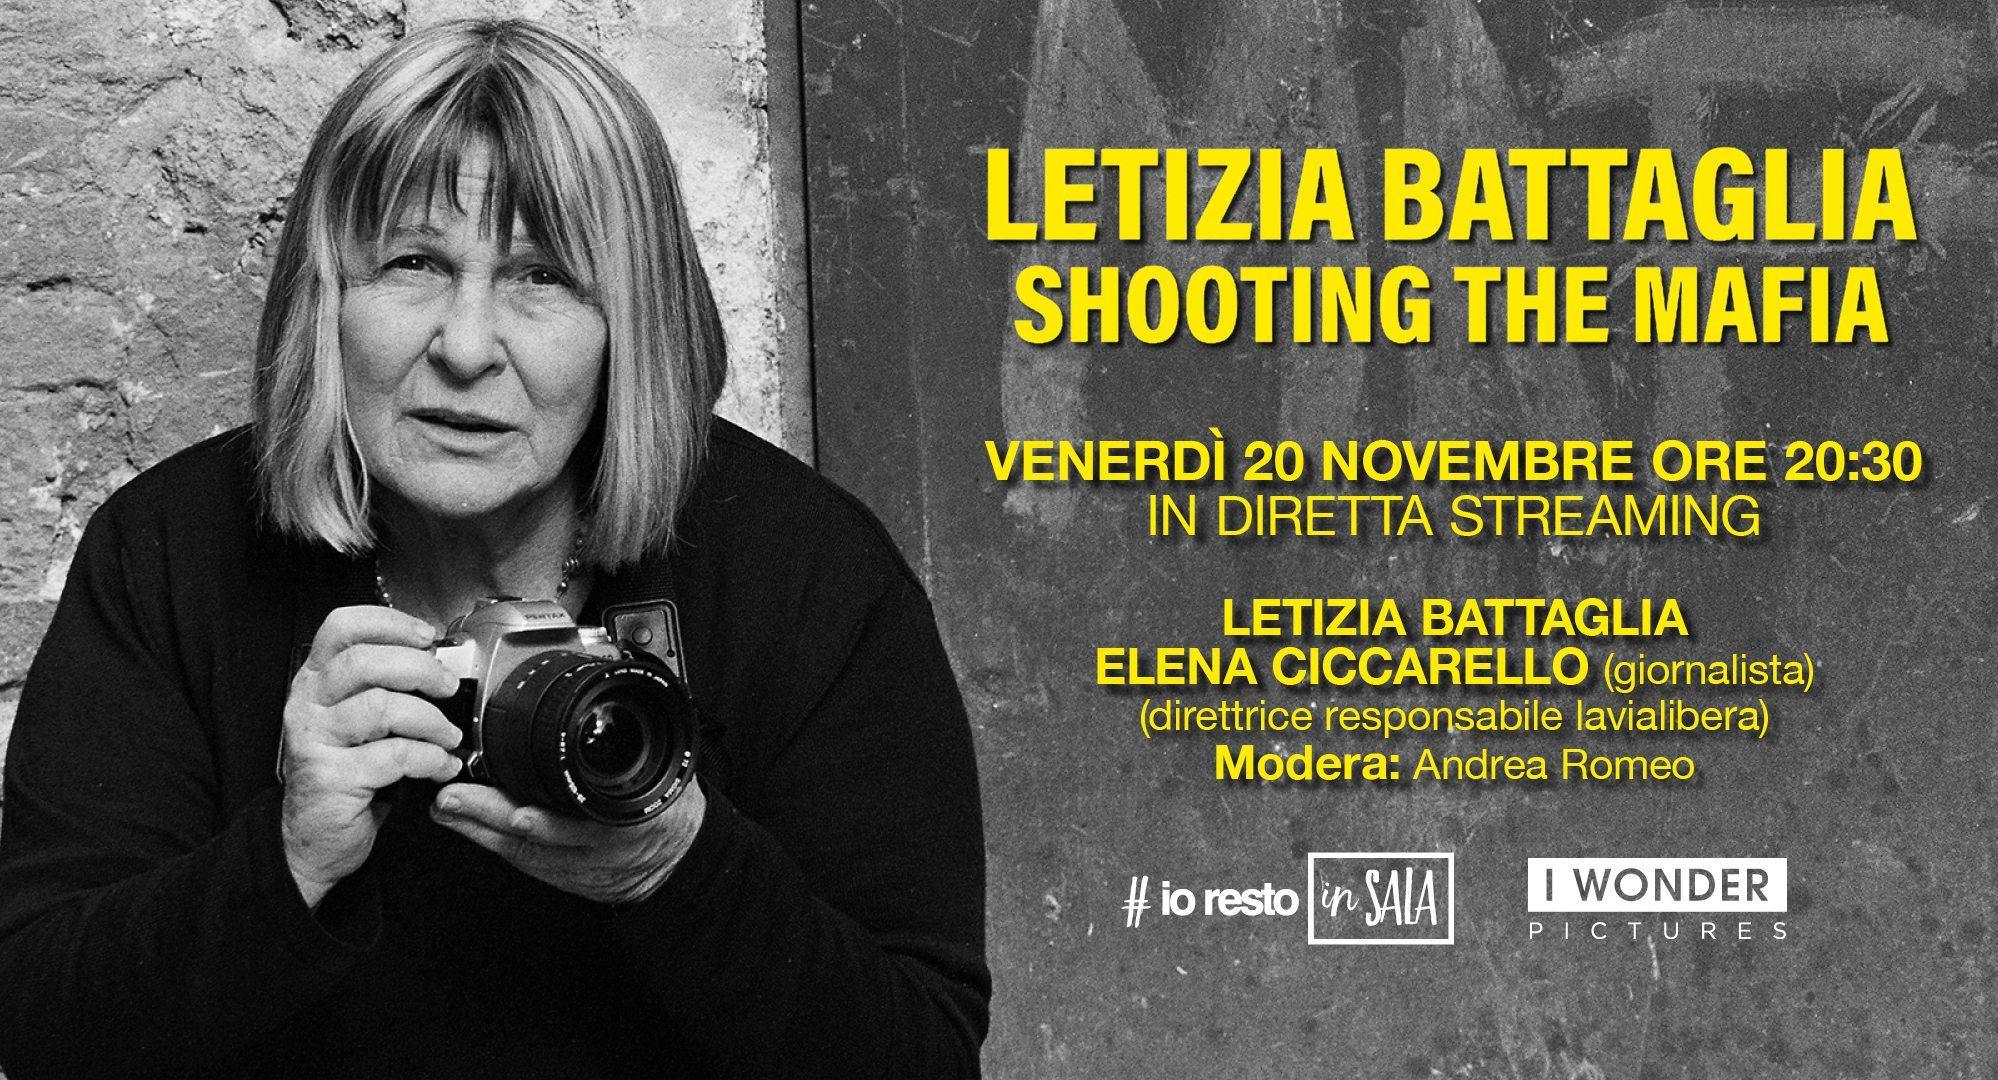 """""""Letizia Battaglia-Shooting – the mafia"""" su www.iorestoinsala.it"""